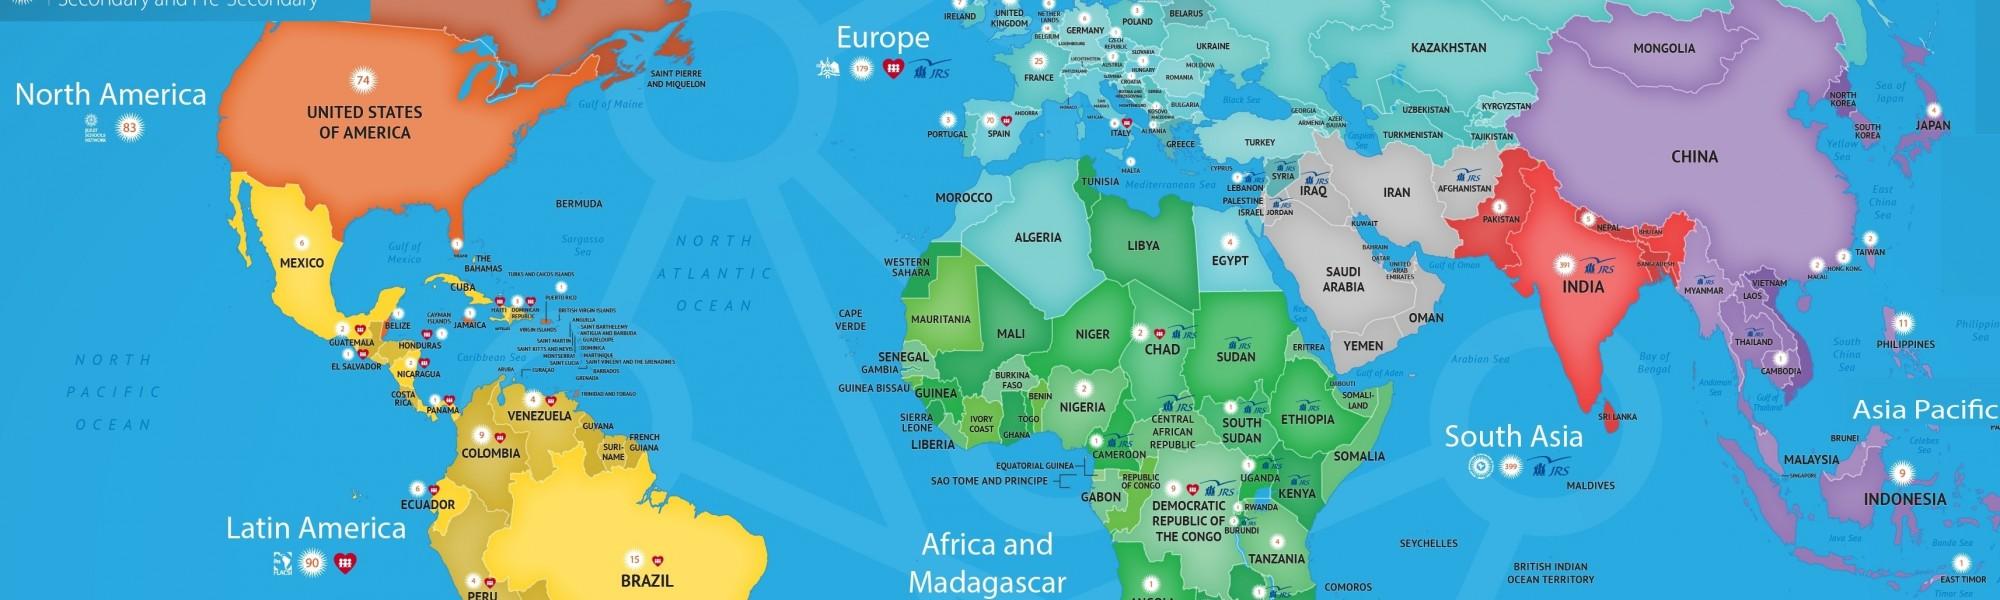 Jesuitenschulen weltweit 2017